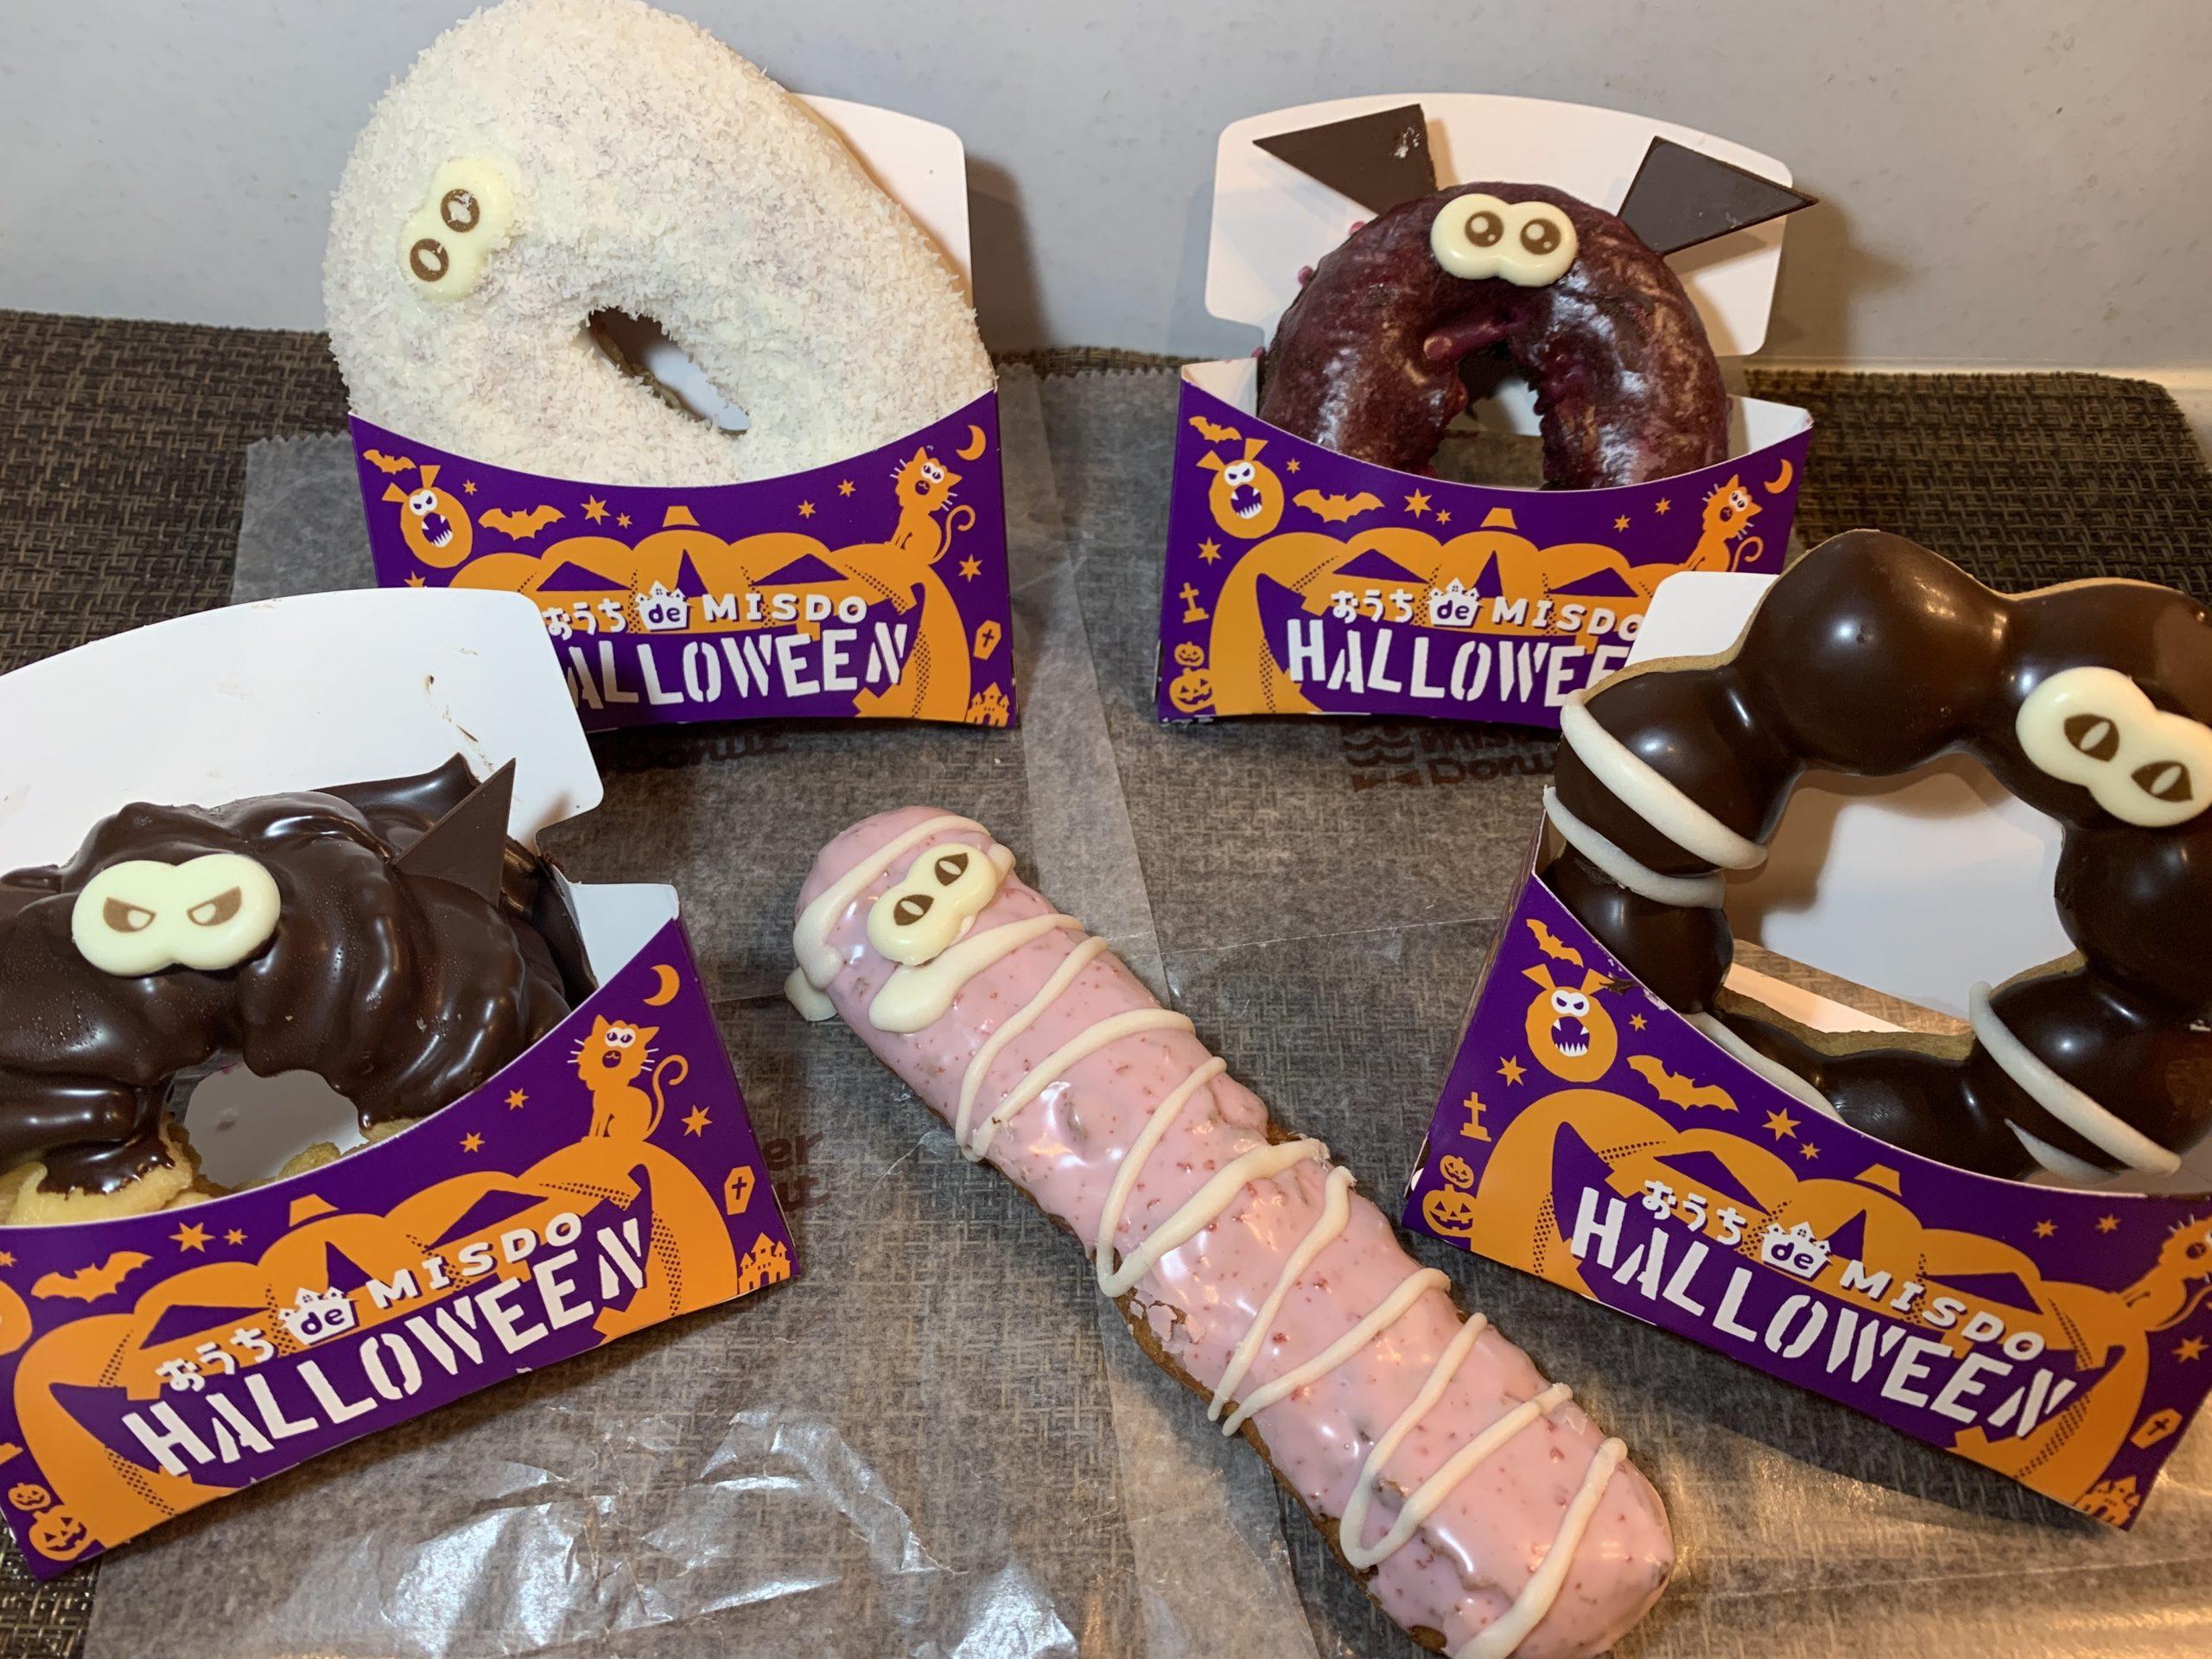 2020年ミスド:おうち de MISDO HALLOWEEN(ハロウィン)は美味しいのか?